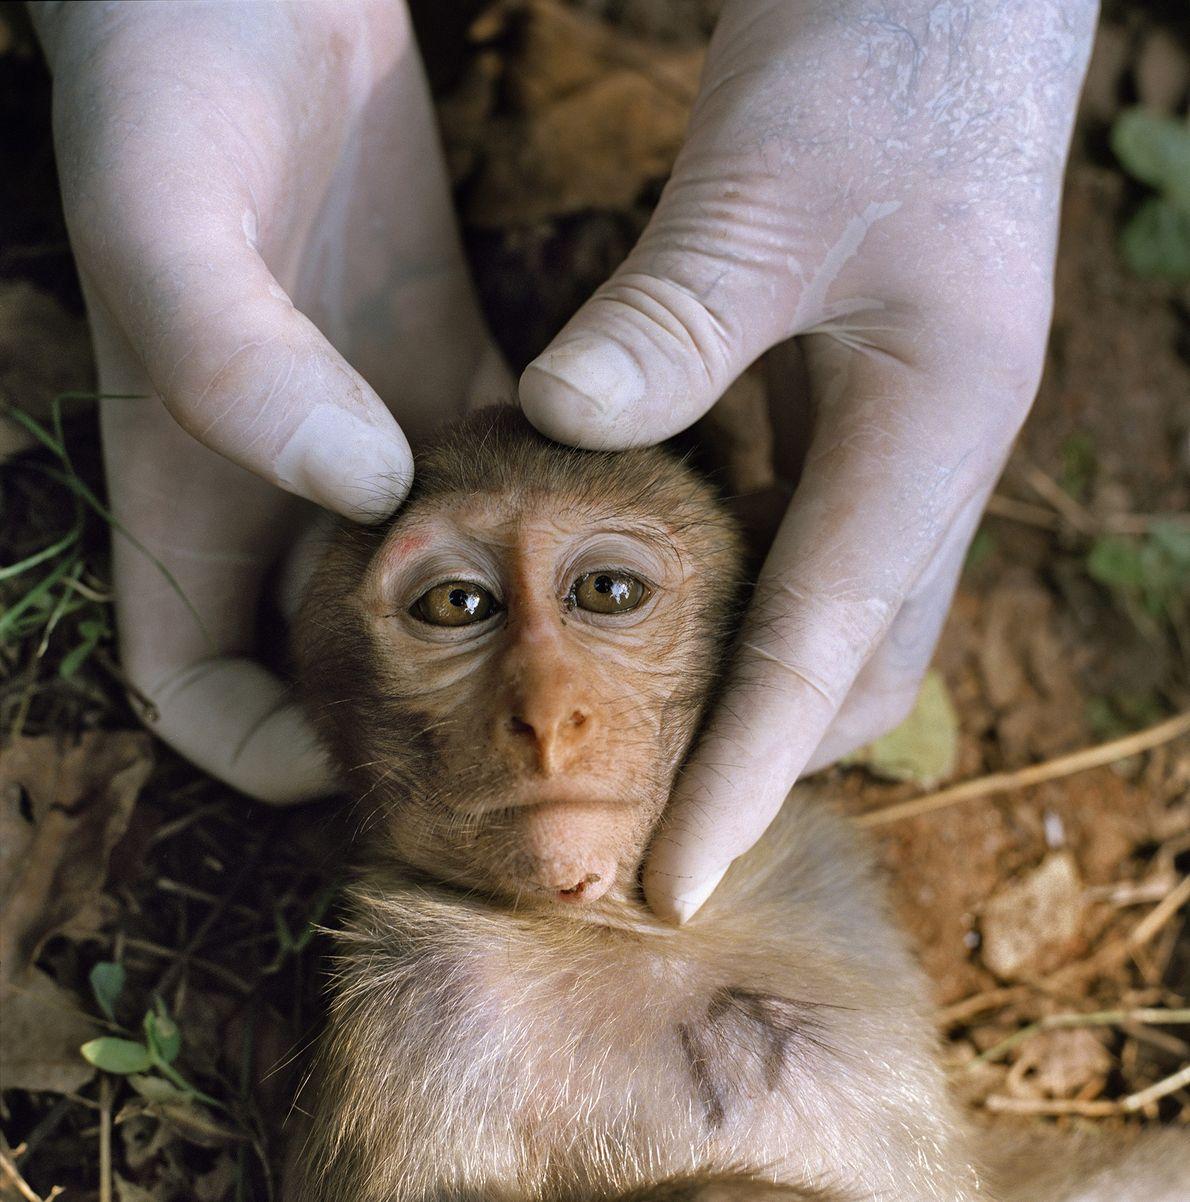 Un investigador de Dhamrai en Bangladesh, manipula a un joven macaco Rhesus sedado.